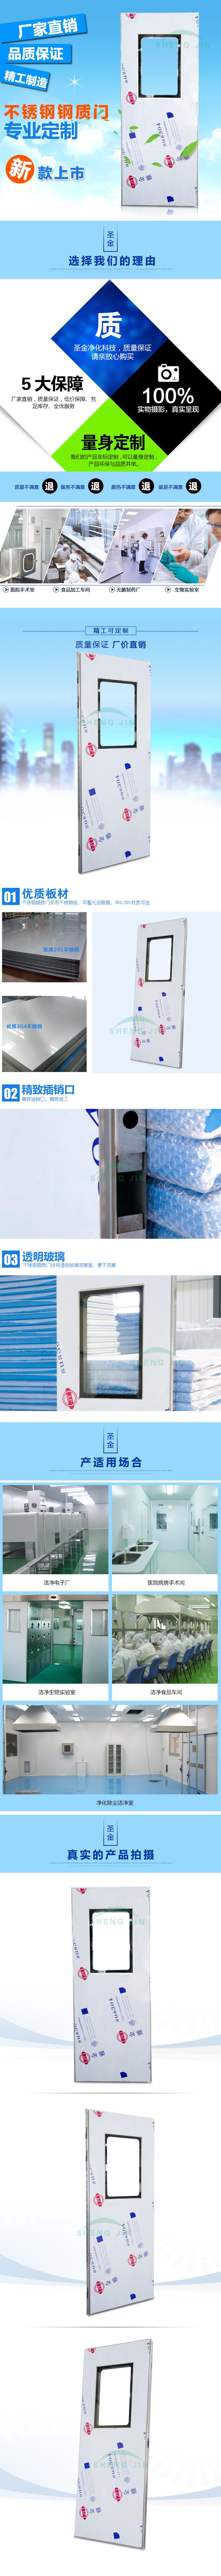 不锈钢钢质门不锈钢材质厂家直销品质保证专业定制不锈钢钢质门